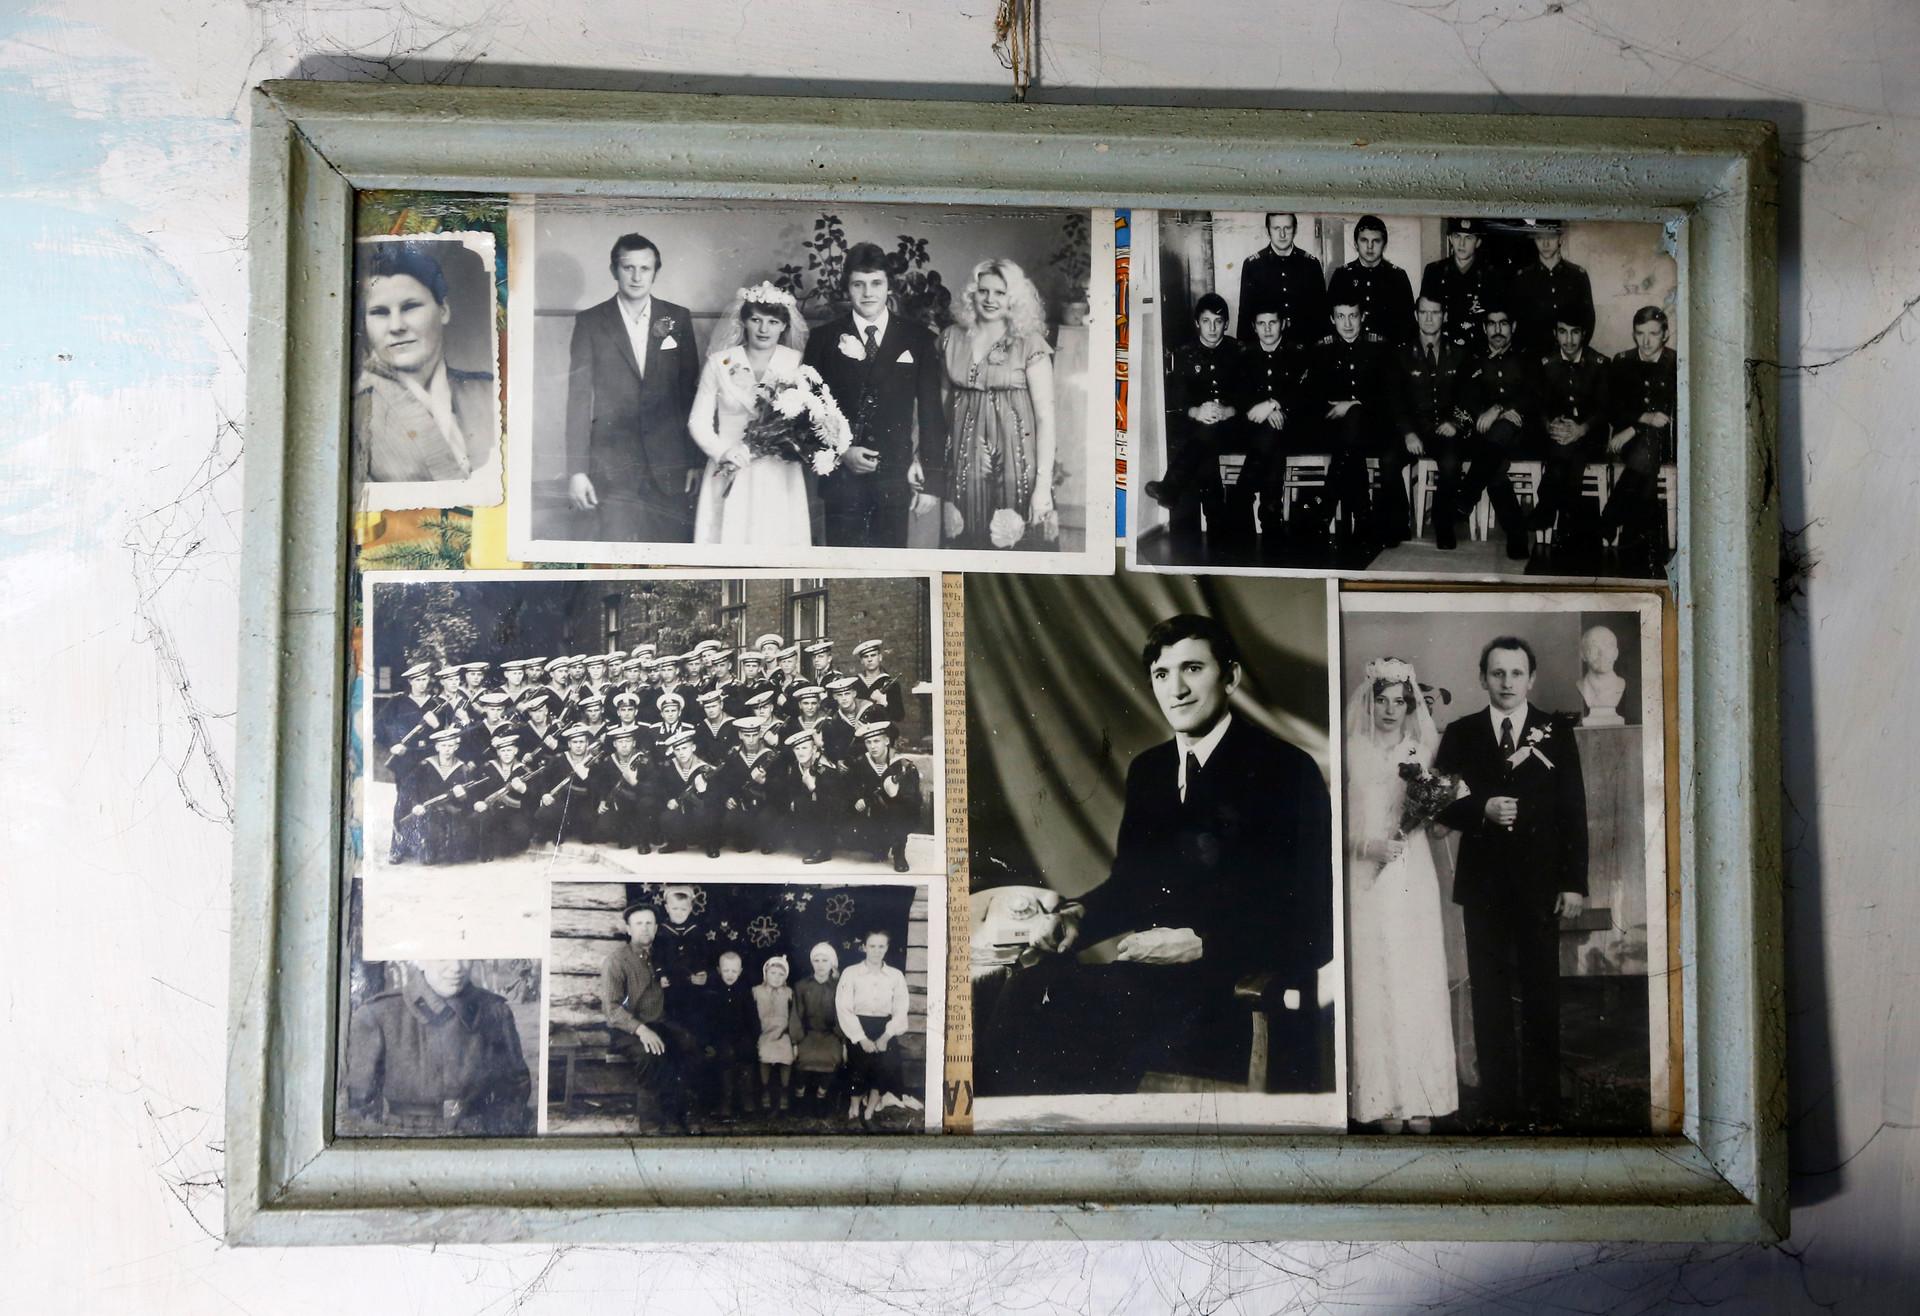 Las fotos familiares de Iván Shamianok